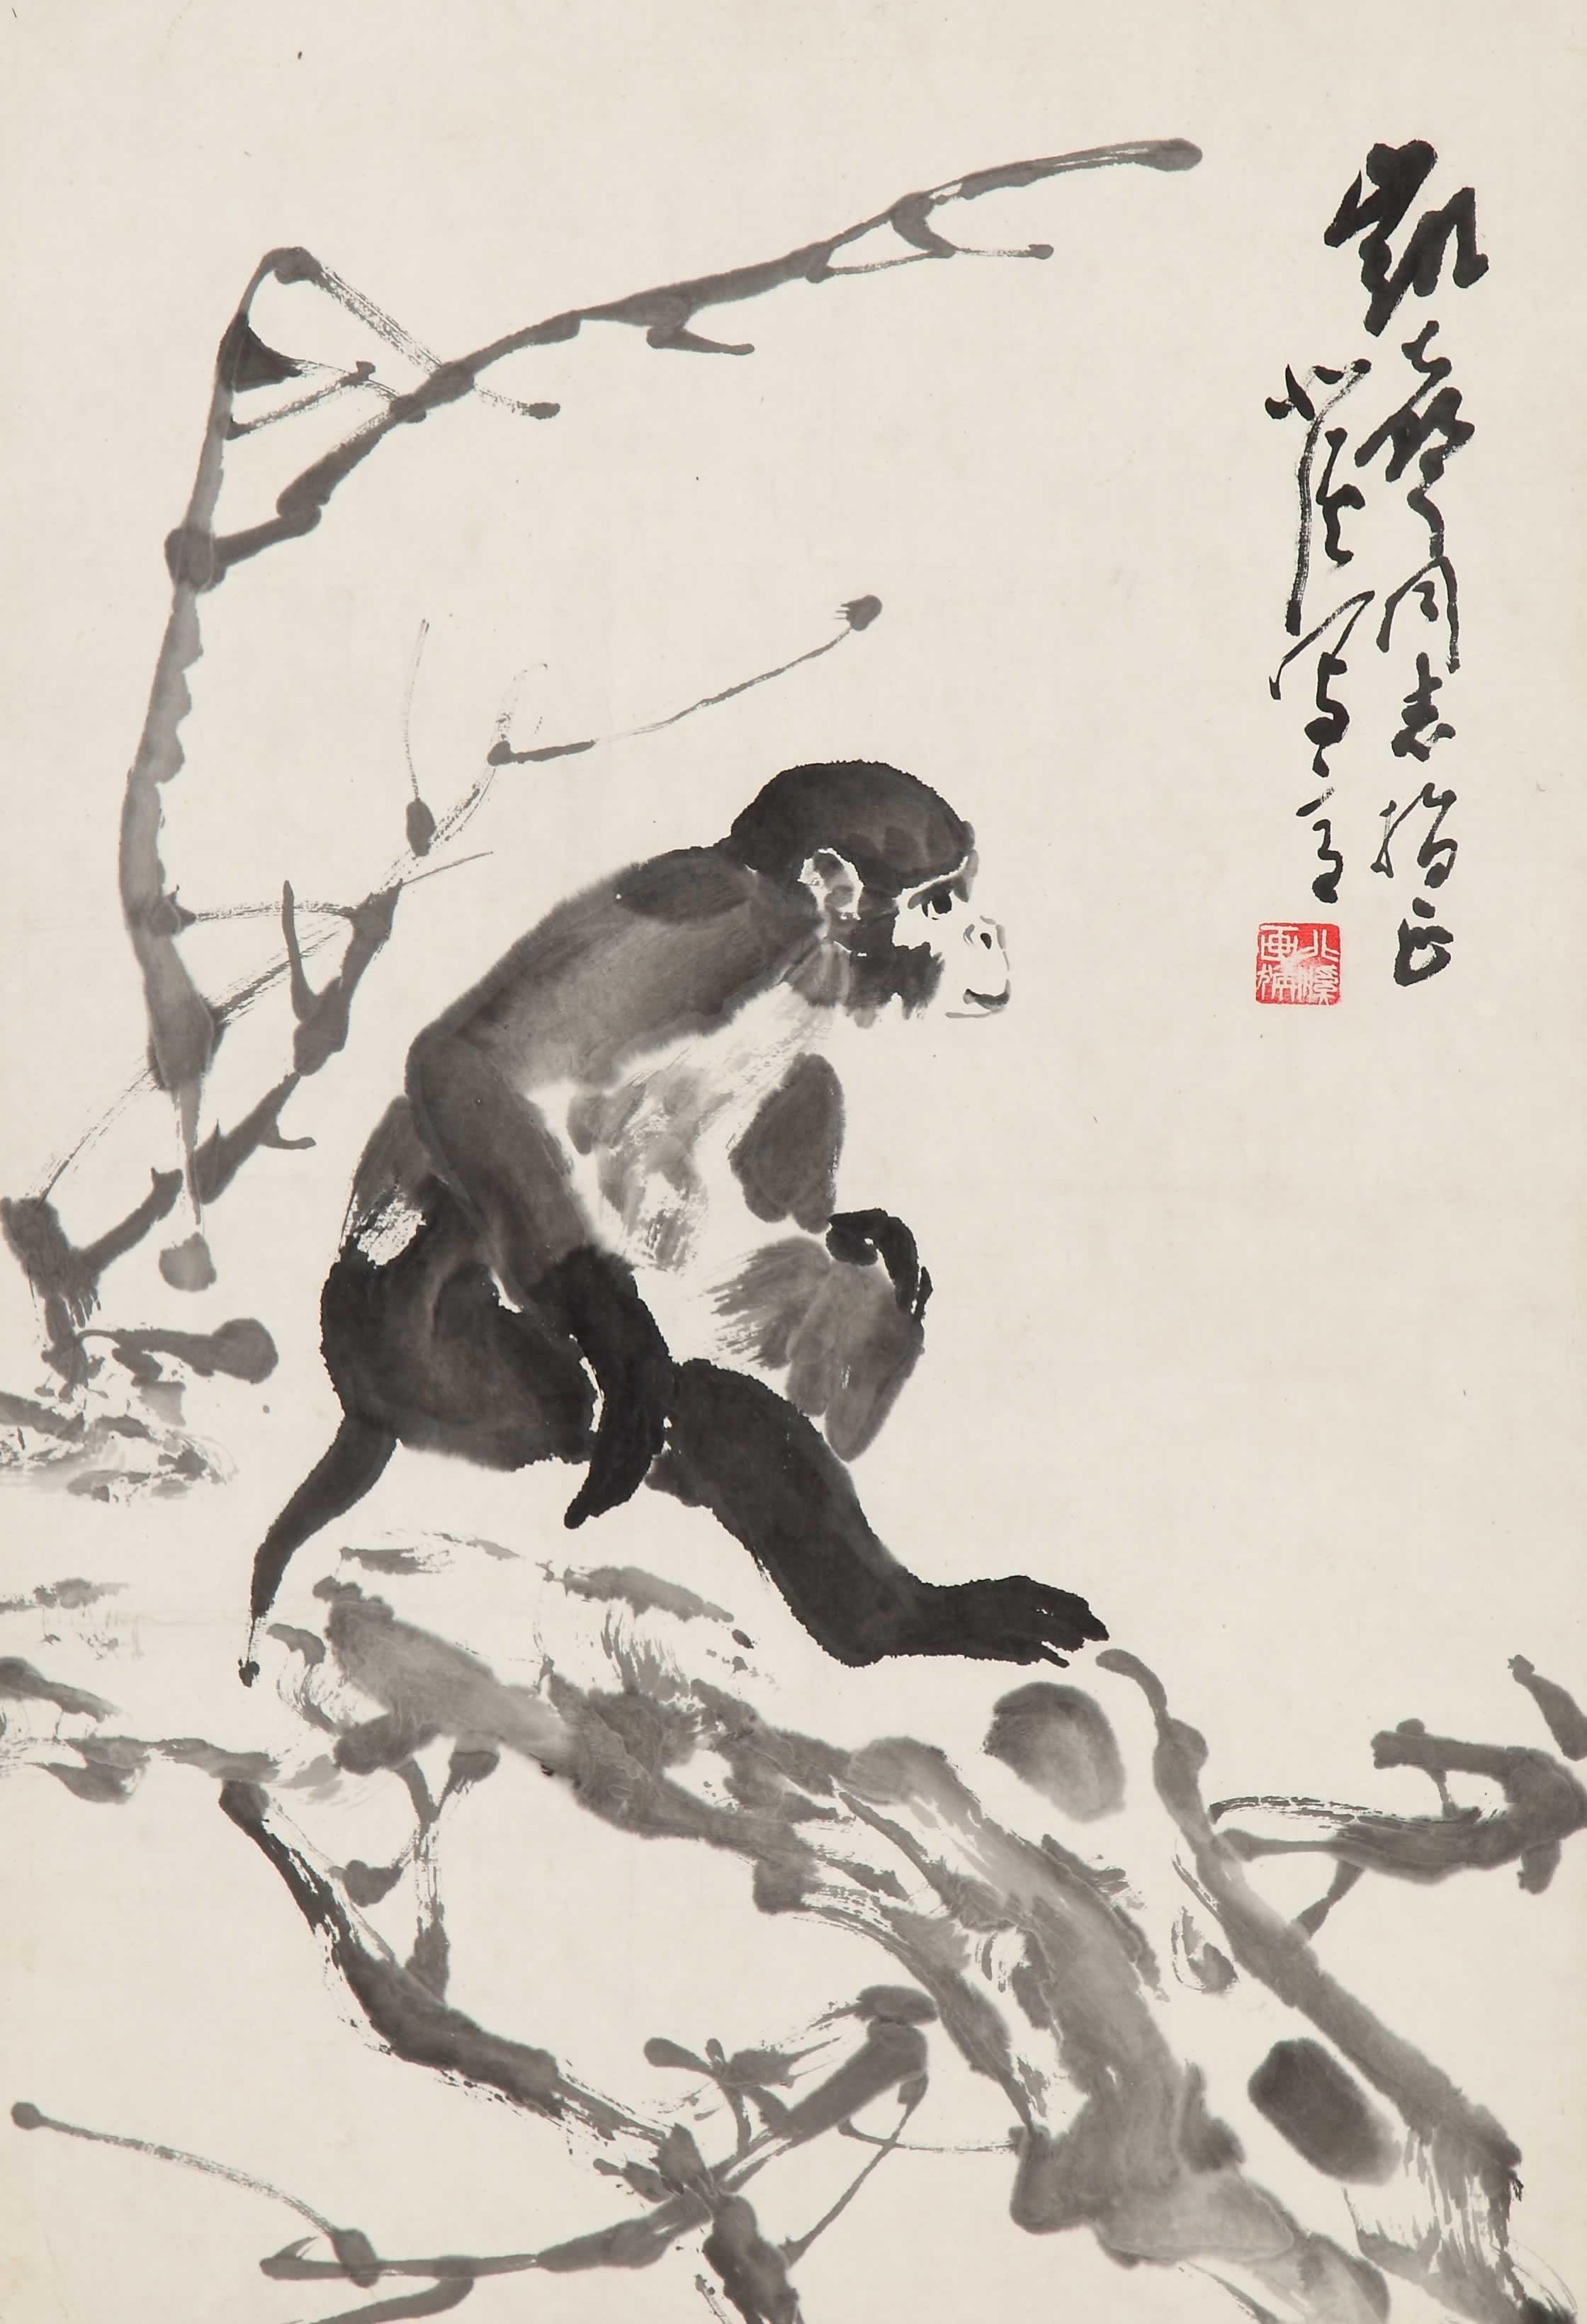 周北溪水墨动物,周北溪-水墨猴,周北溪作品拍卖预展